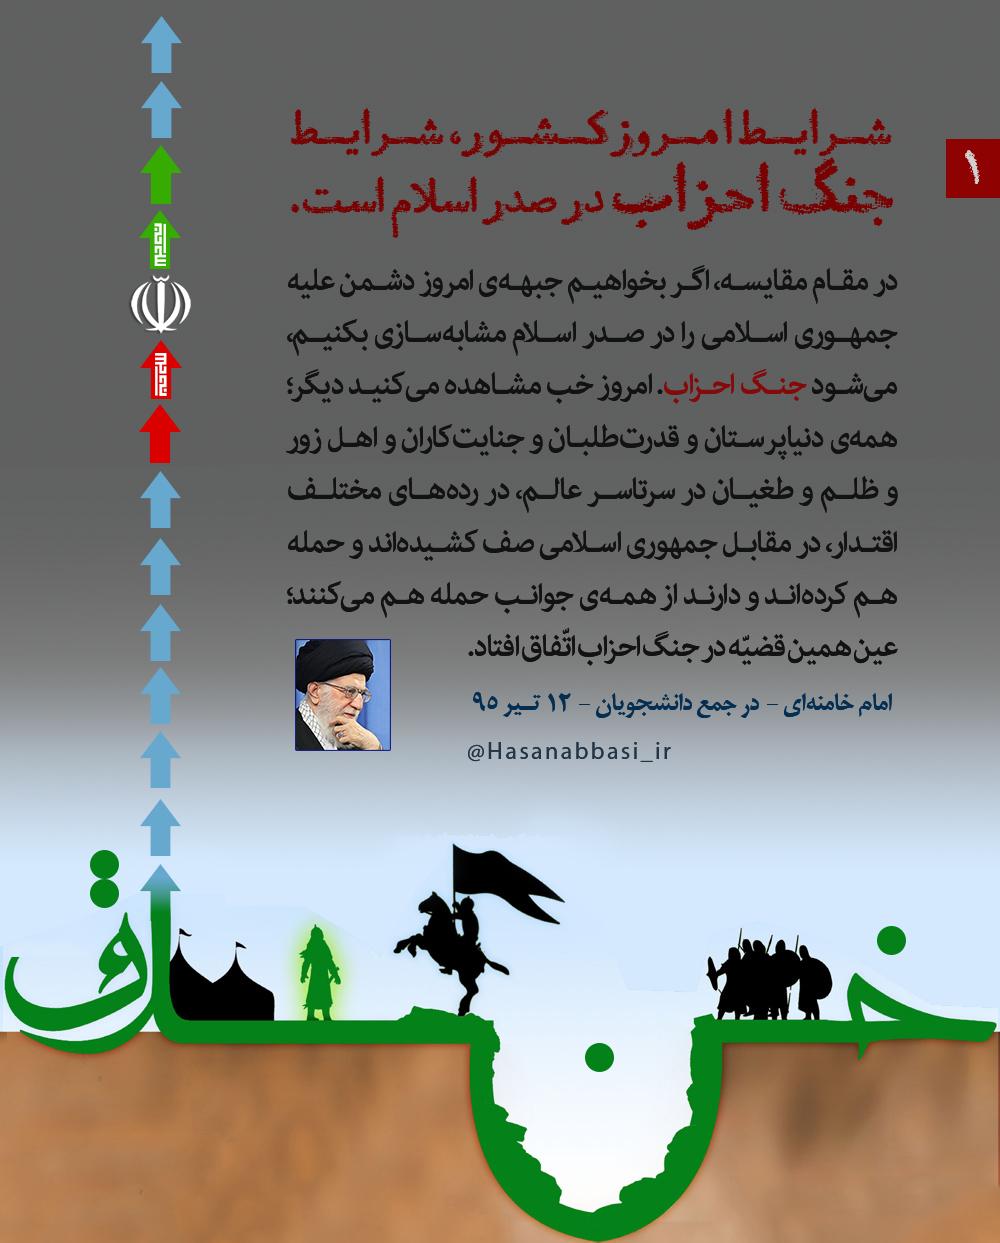 Ahzab1 شرایط امروز کشور، شرایط جنگ احزاب است